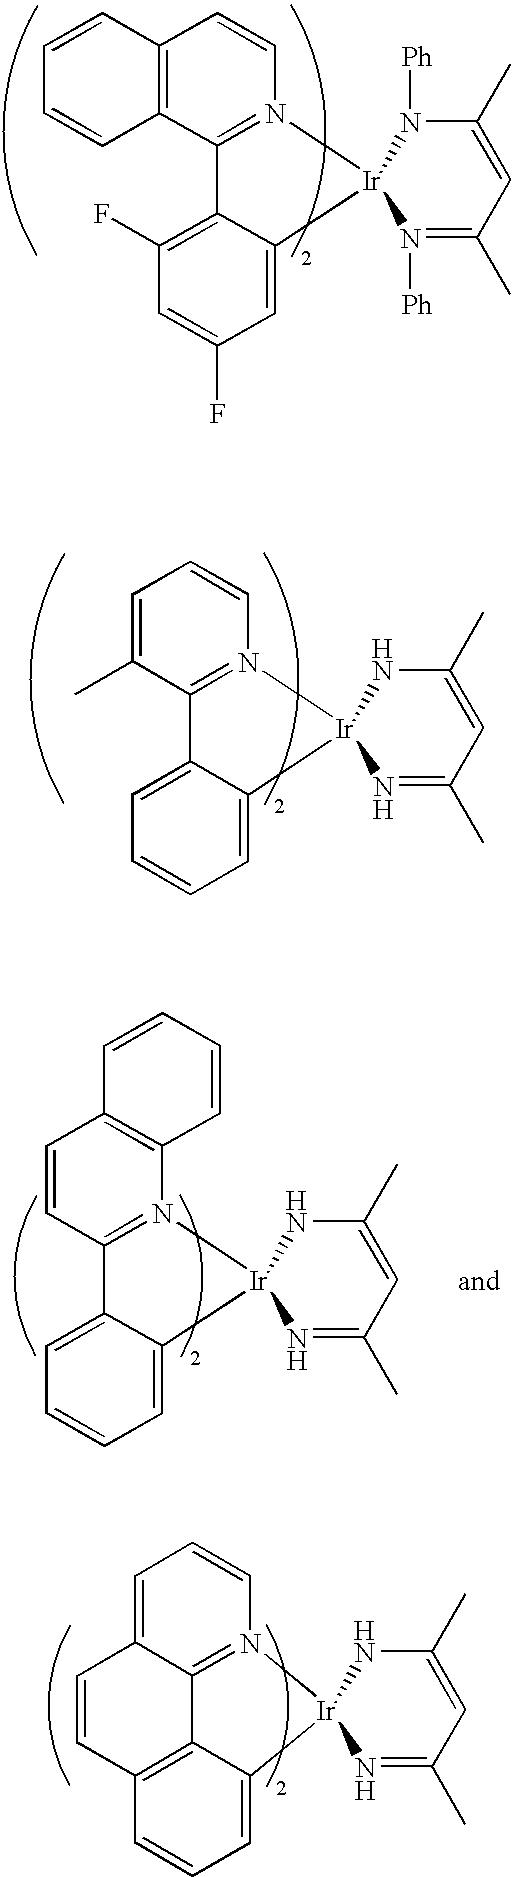 Figure US20080058517A1-20080306-C00012